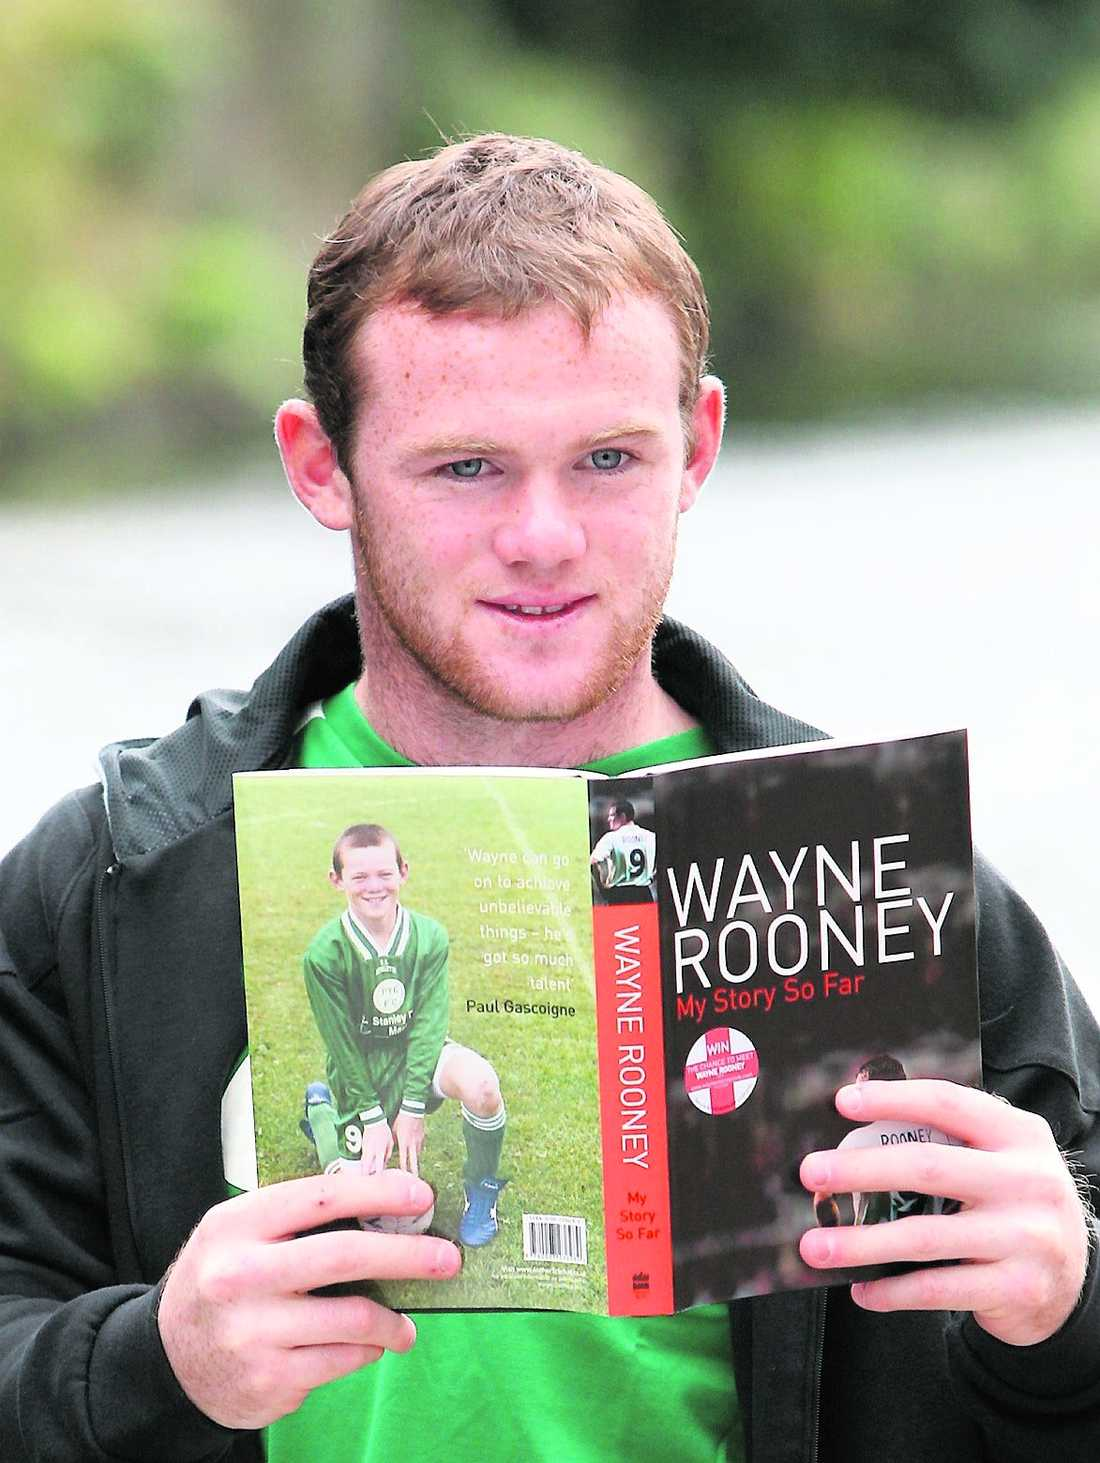 I Storbritannien kampanjar fotbollsspelaren Wayne Rooney för att få unga att läsa – här med sin egen självbiografi. Även i Sverige behövs förebilder för att främja litteraturintresset, enligt FP.